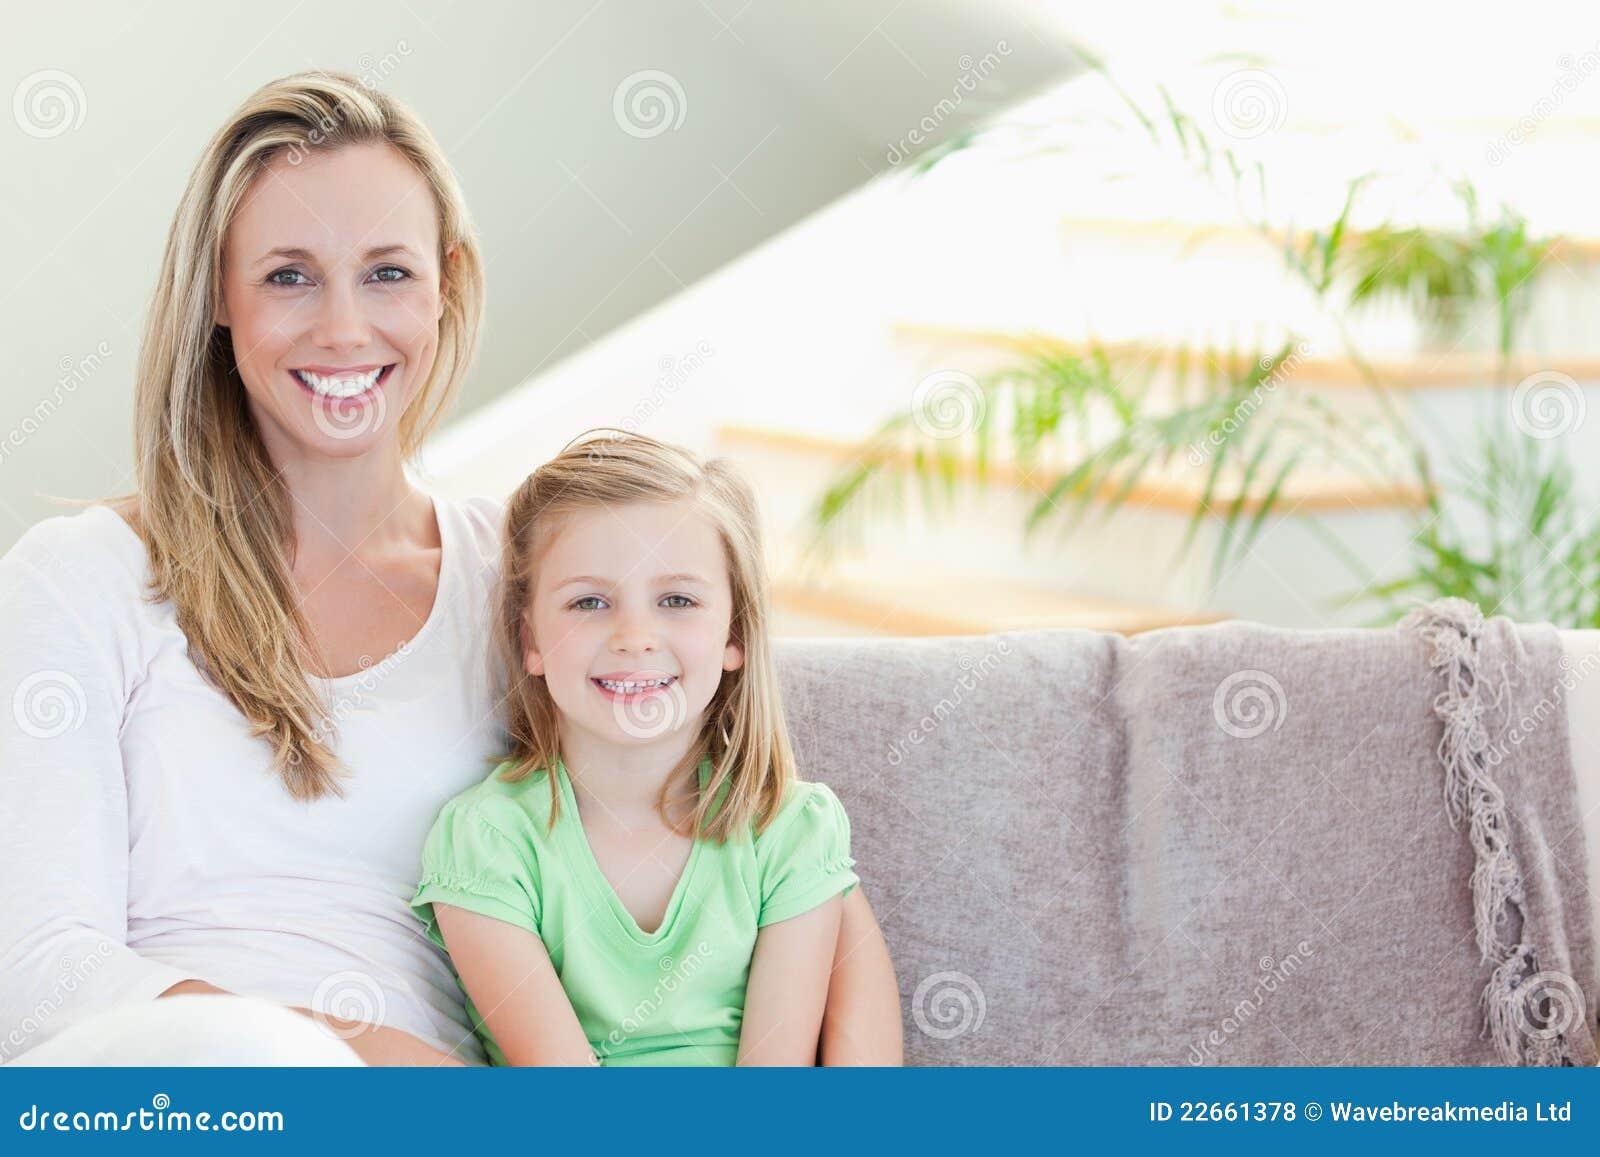 free daughter